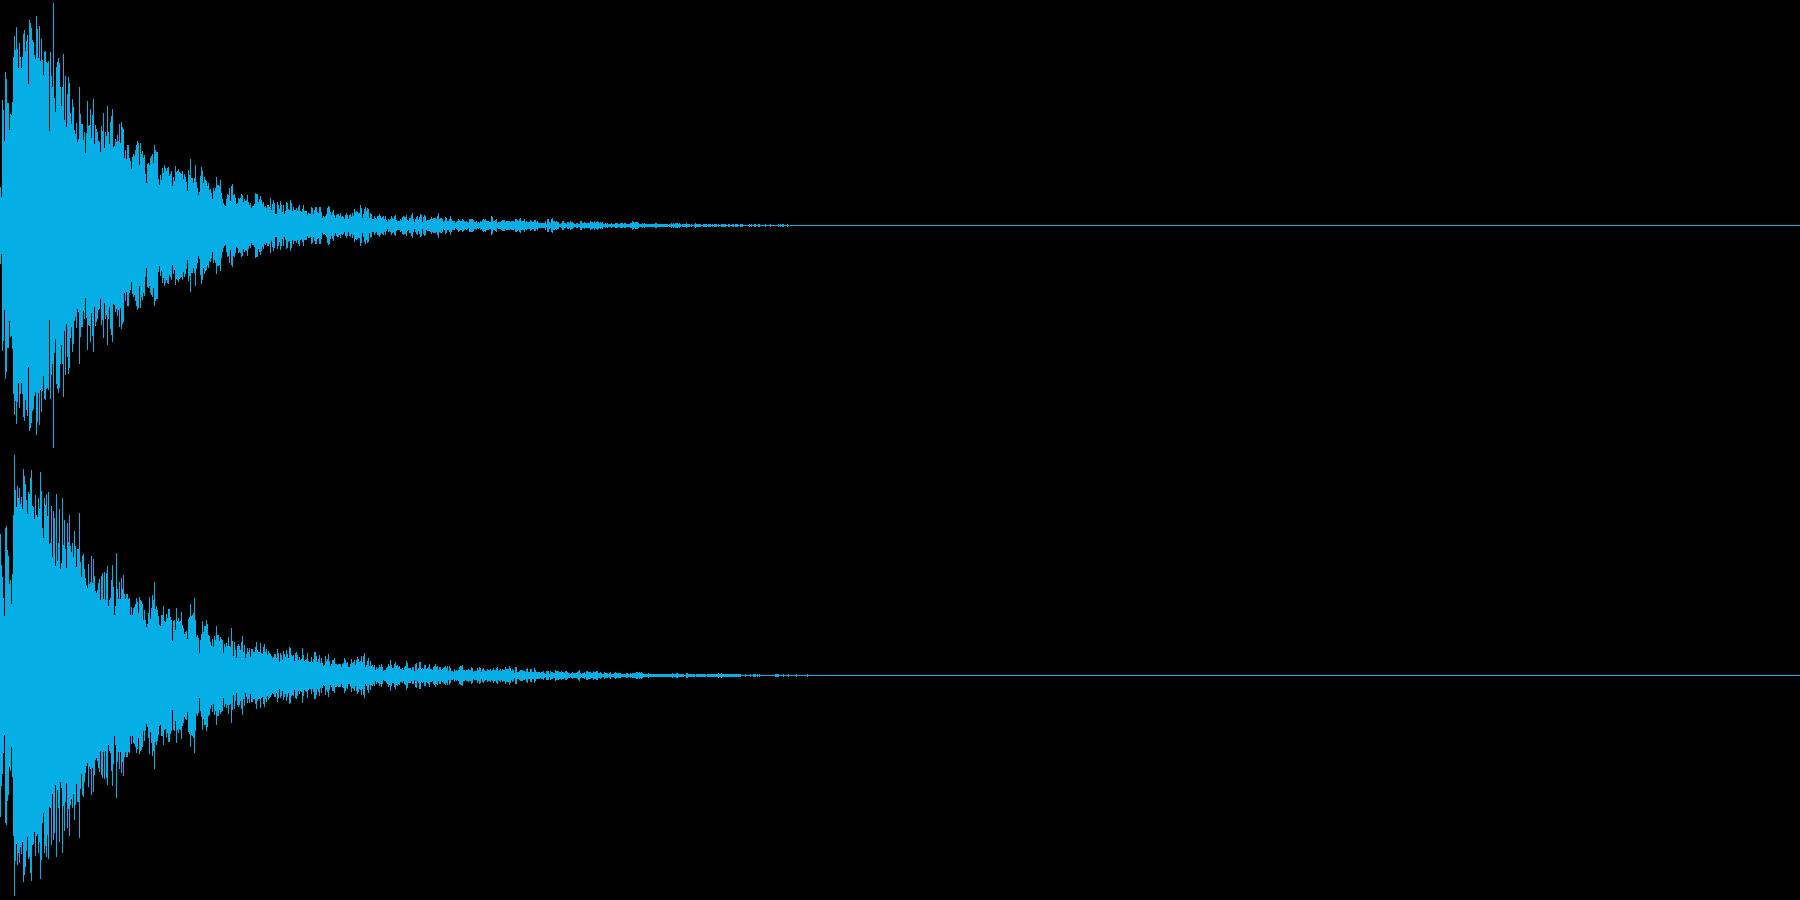 刀 剣 カキーン シャキーン 目立つ02の再生済みの波形